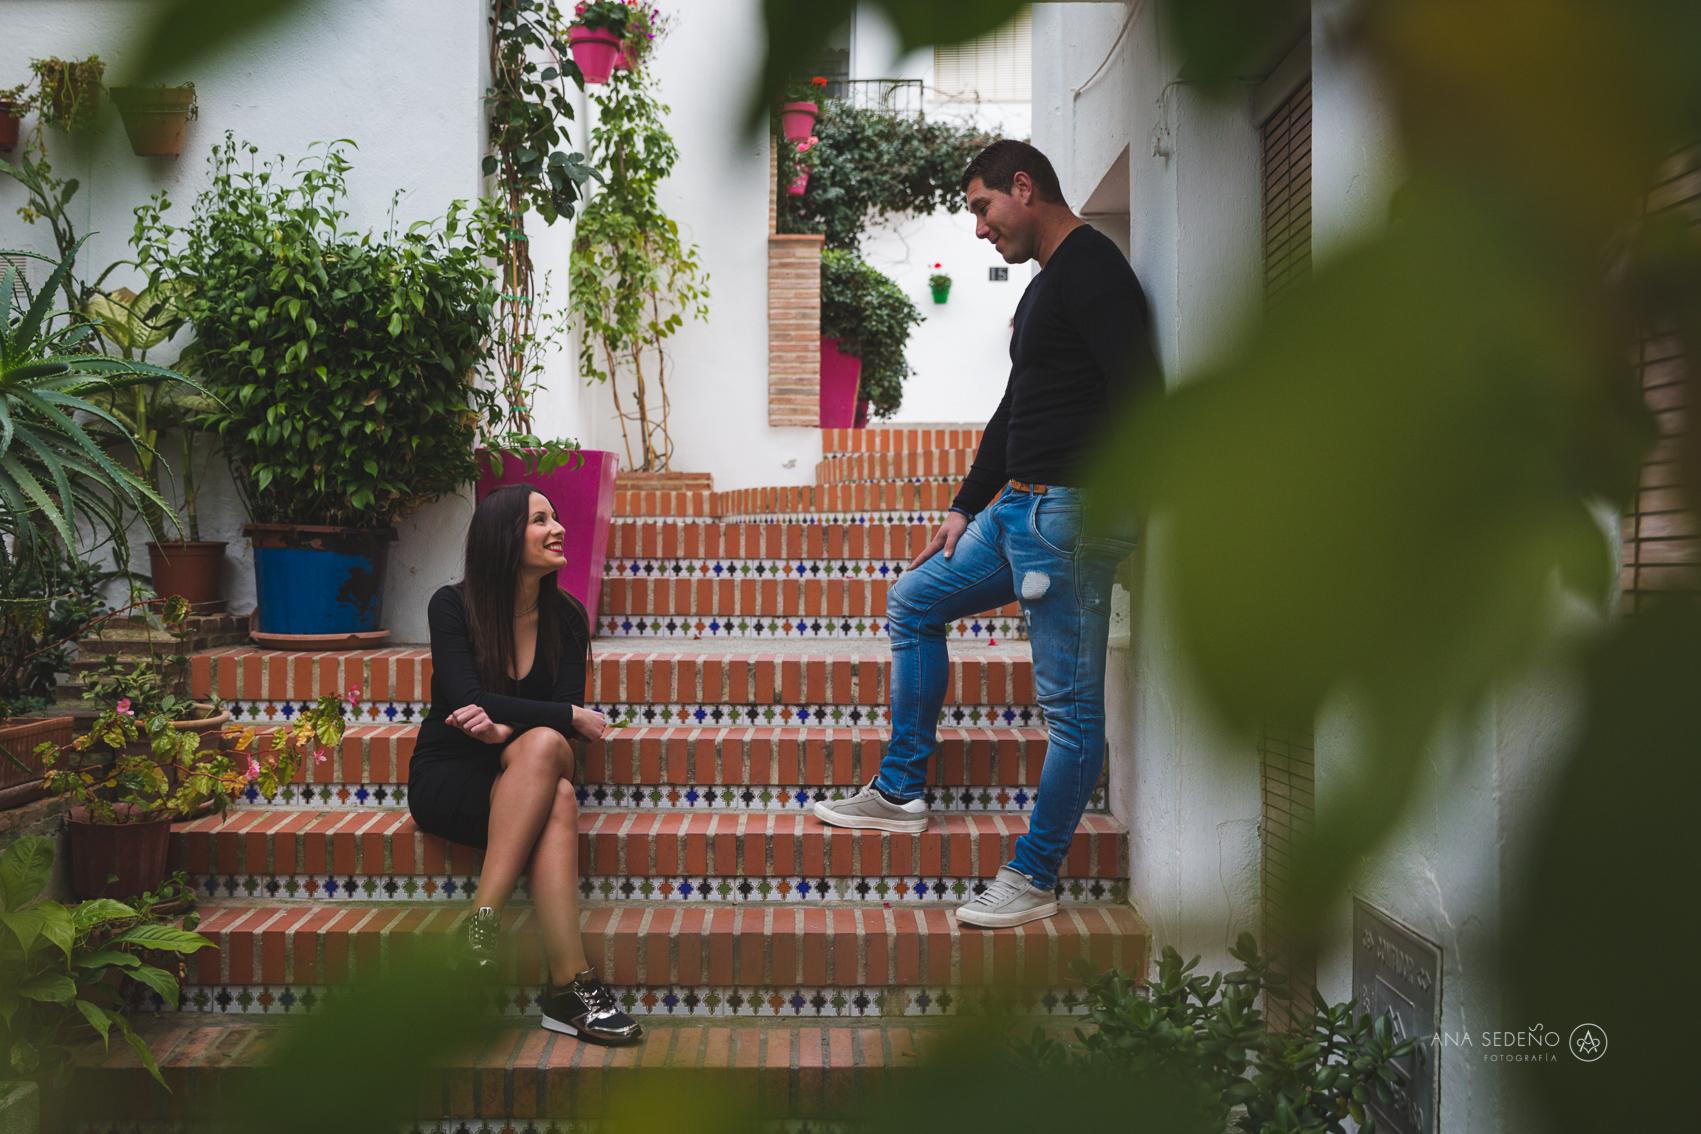 Ana Sedeño Fotografa.-PreBA&S0082